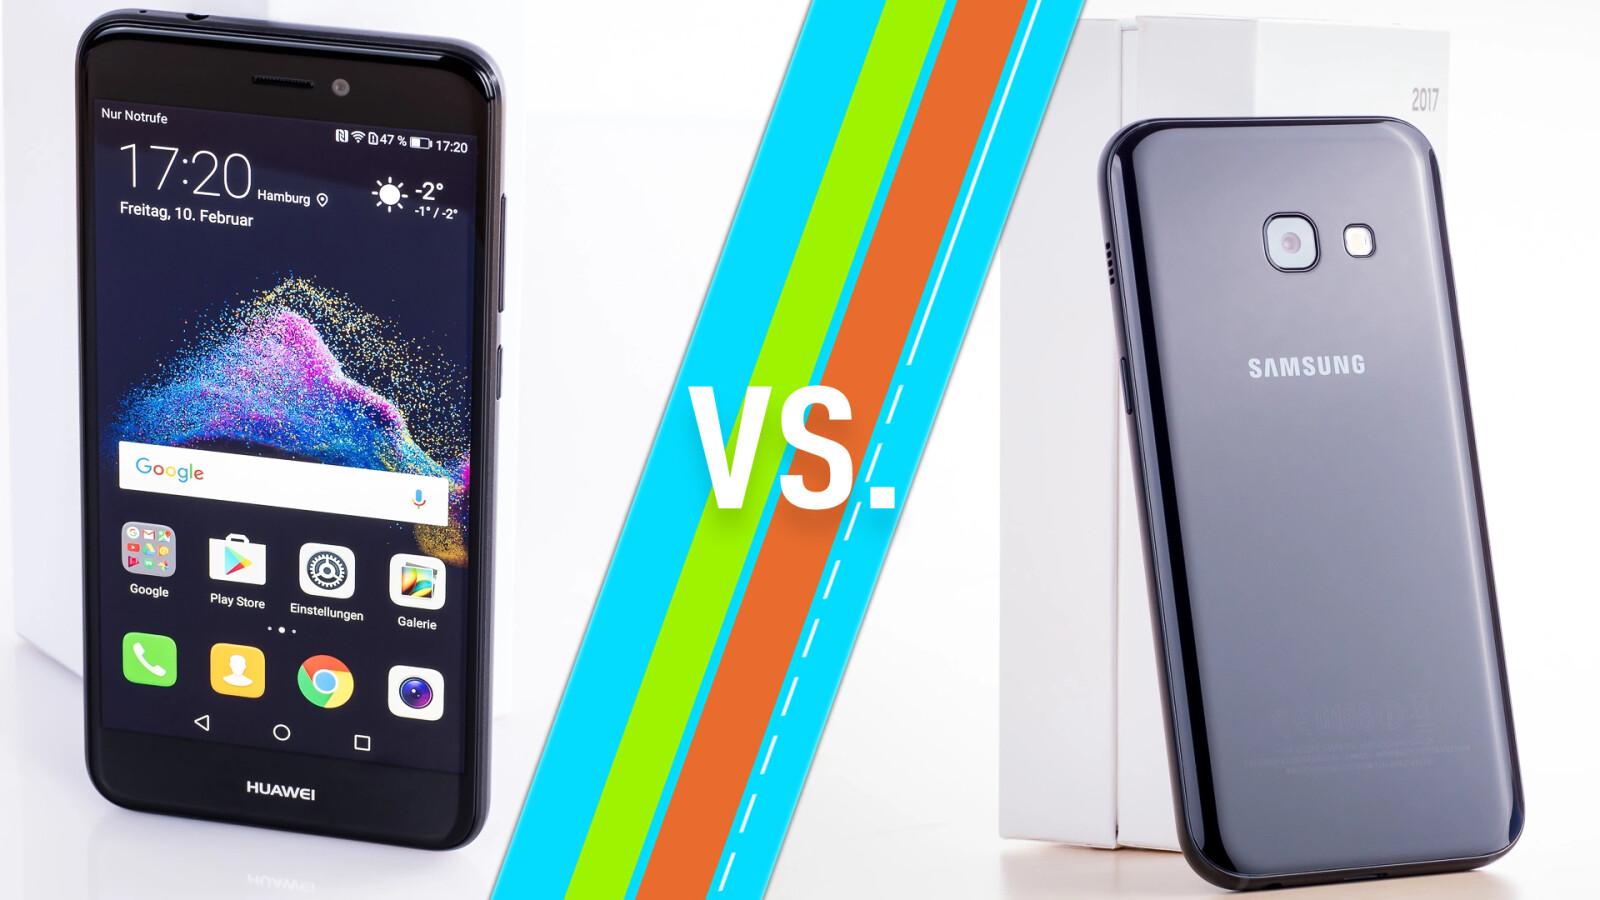 Huawei P8 Lite 2017 Vs Galaxy A3 2017 Mittelklasse Smartphones Im Vergleich Netzwelt